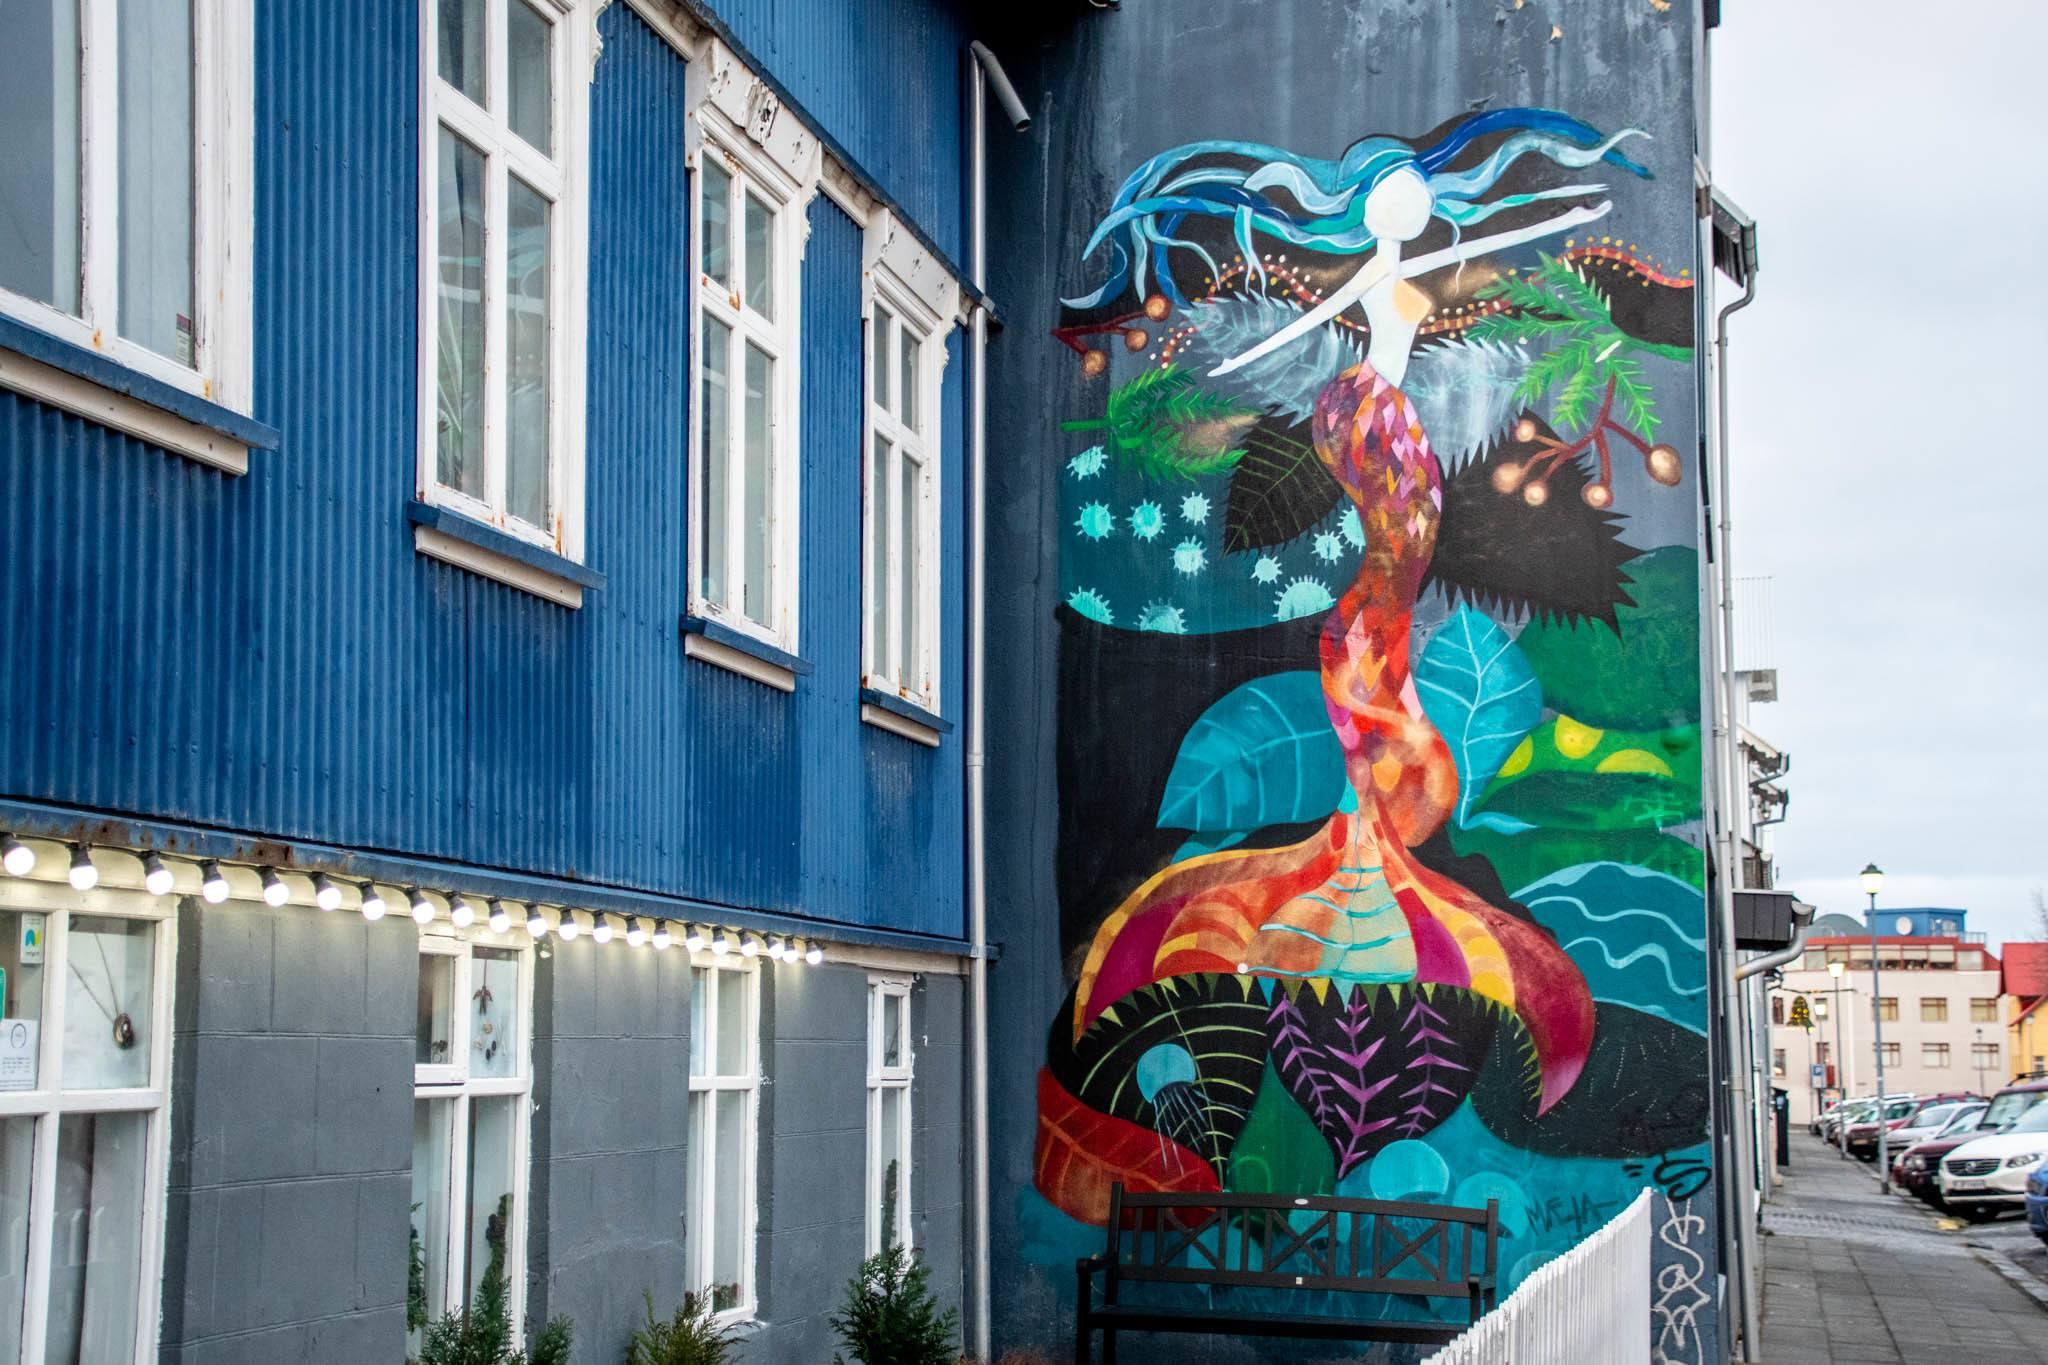 Icelandic Mermaid mural that is attributed to artist Raus